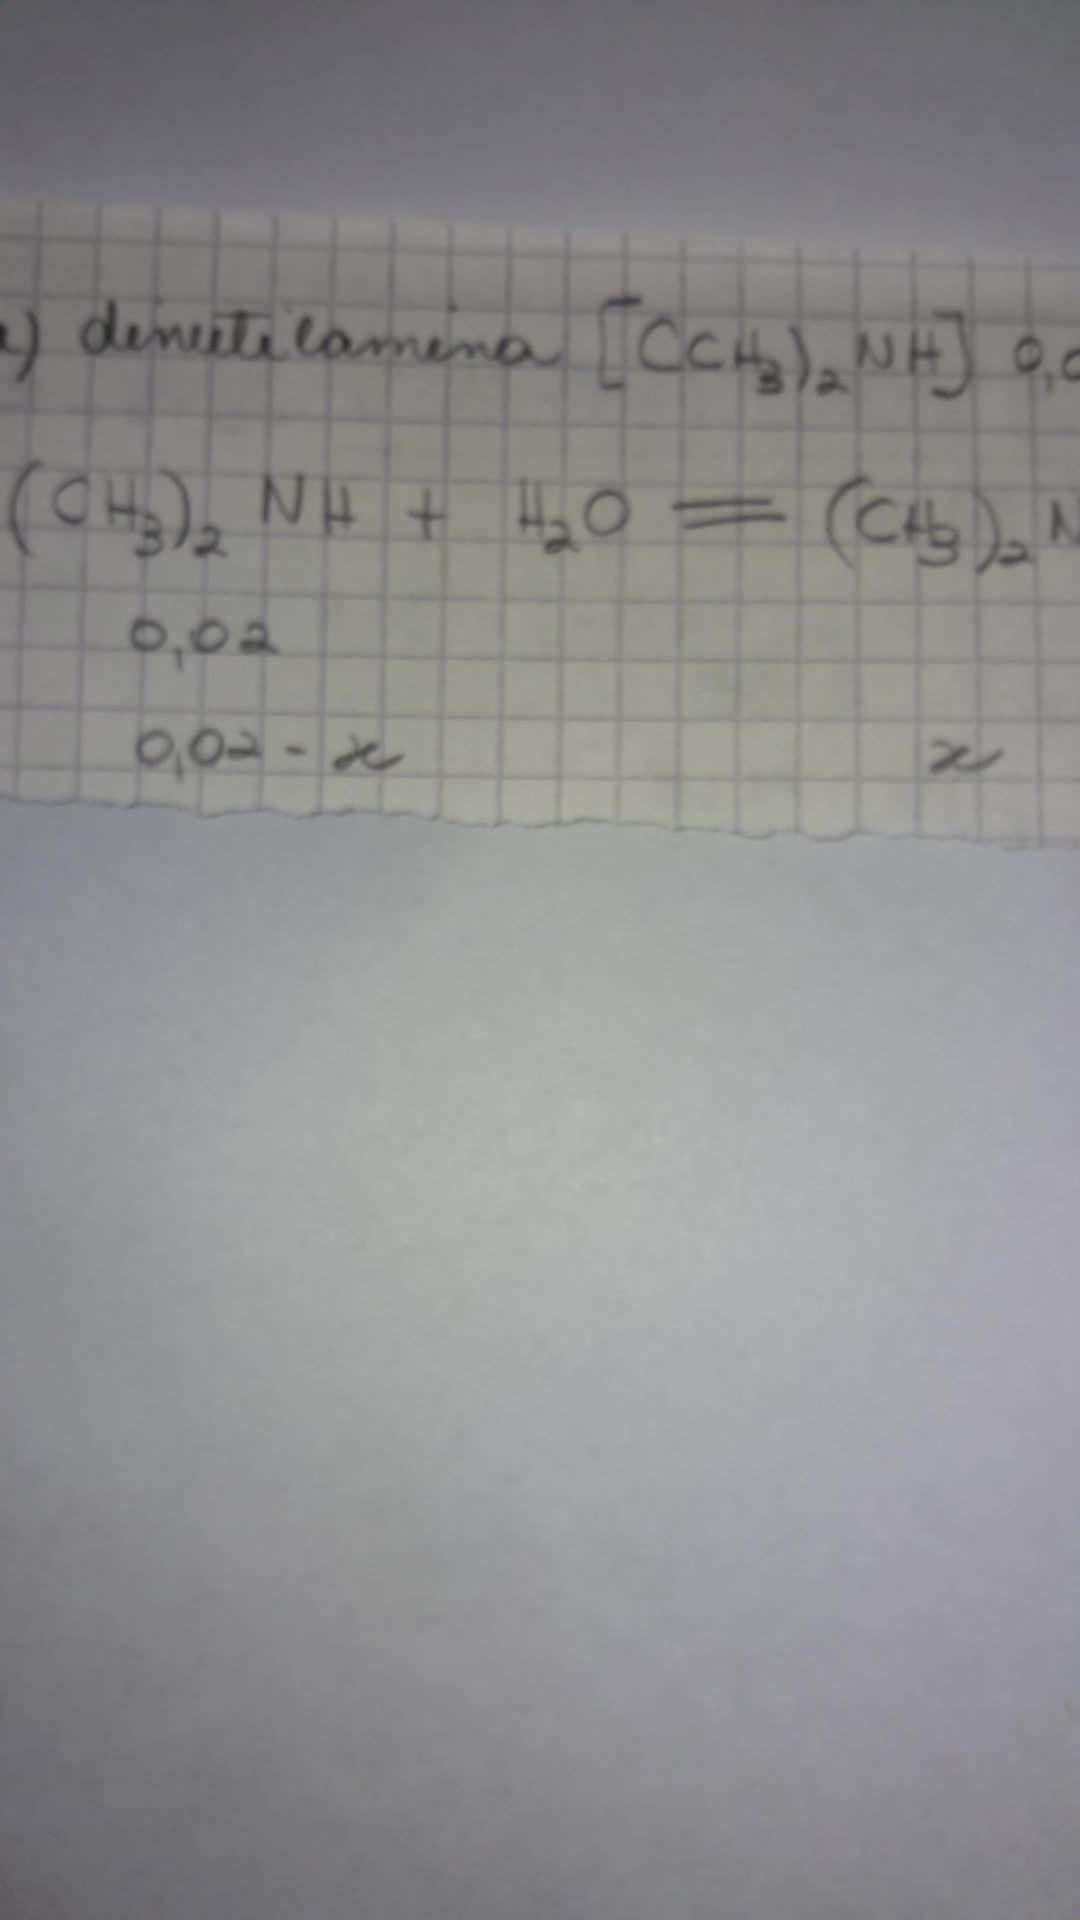 Resolución I parcial-qca anal. gral-ej3Ba